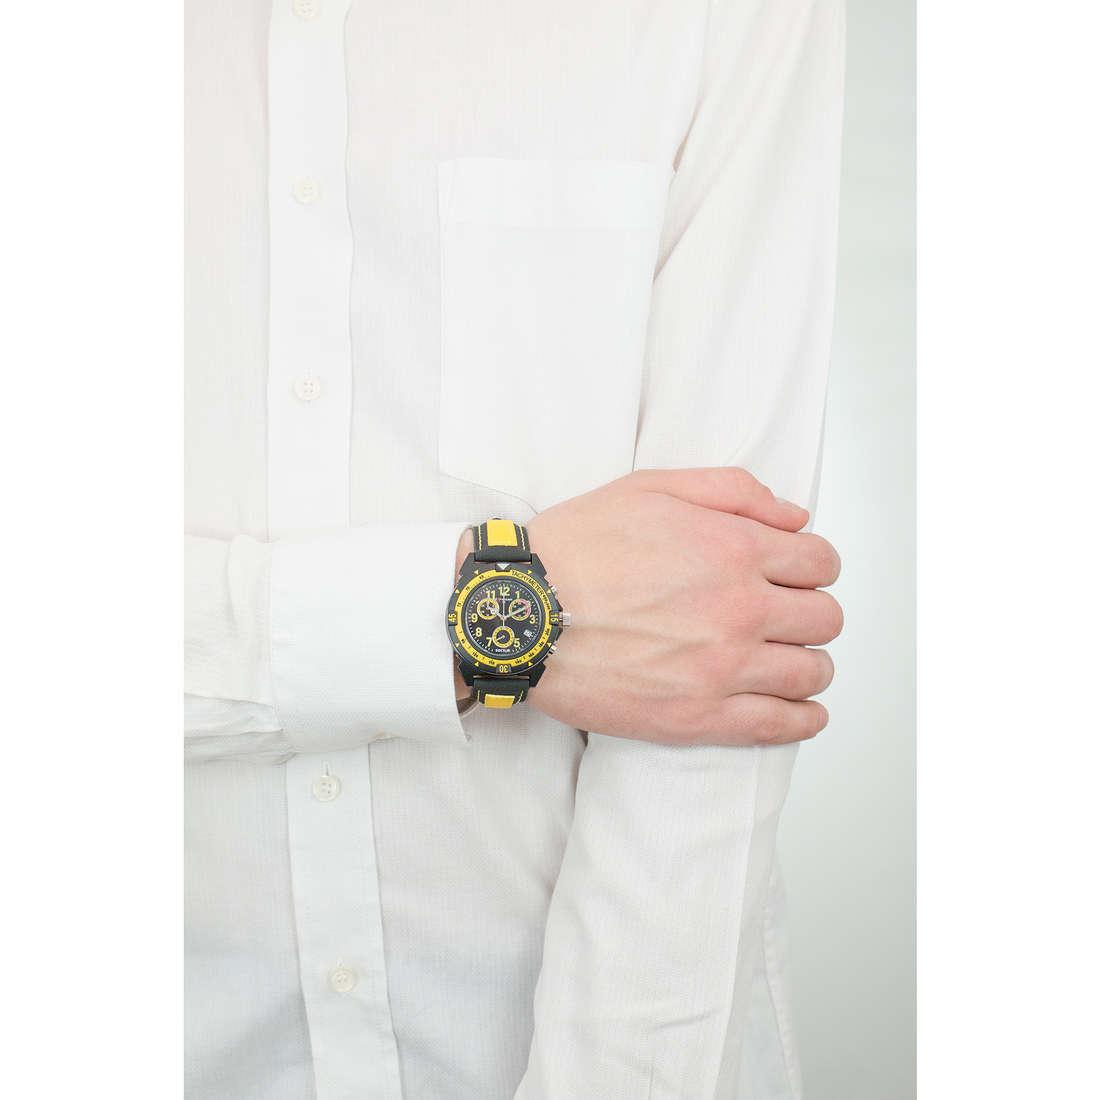 Sector cronografi Expander 90 uomo R3271697027 indosso